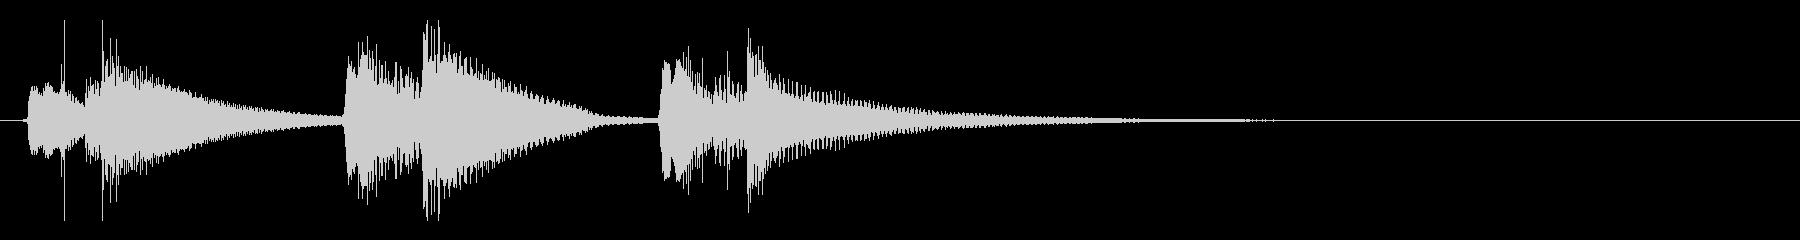 ウクレレのさりげなく短いジングルの未再生の波形